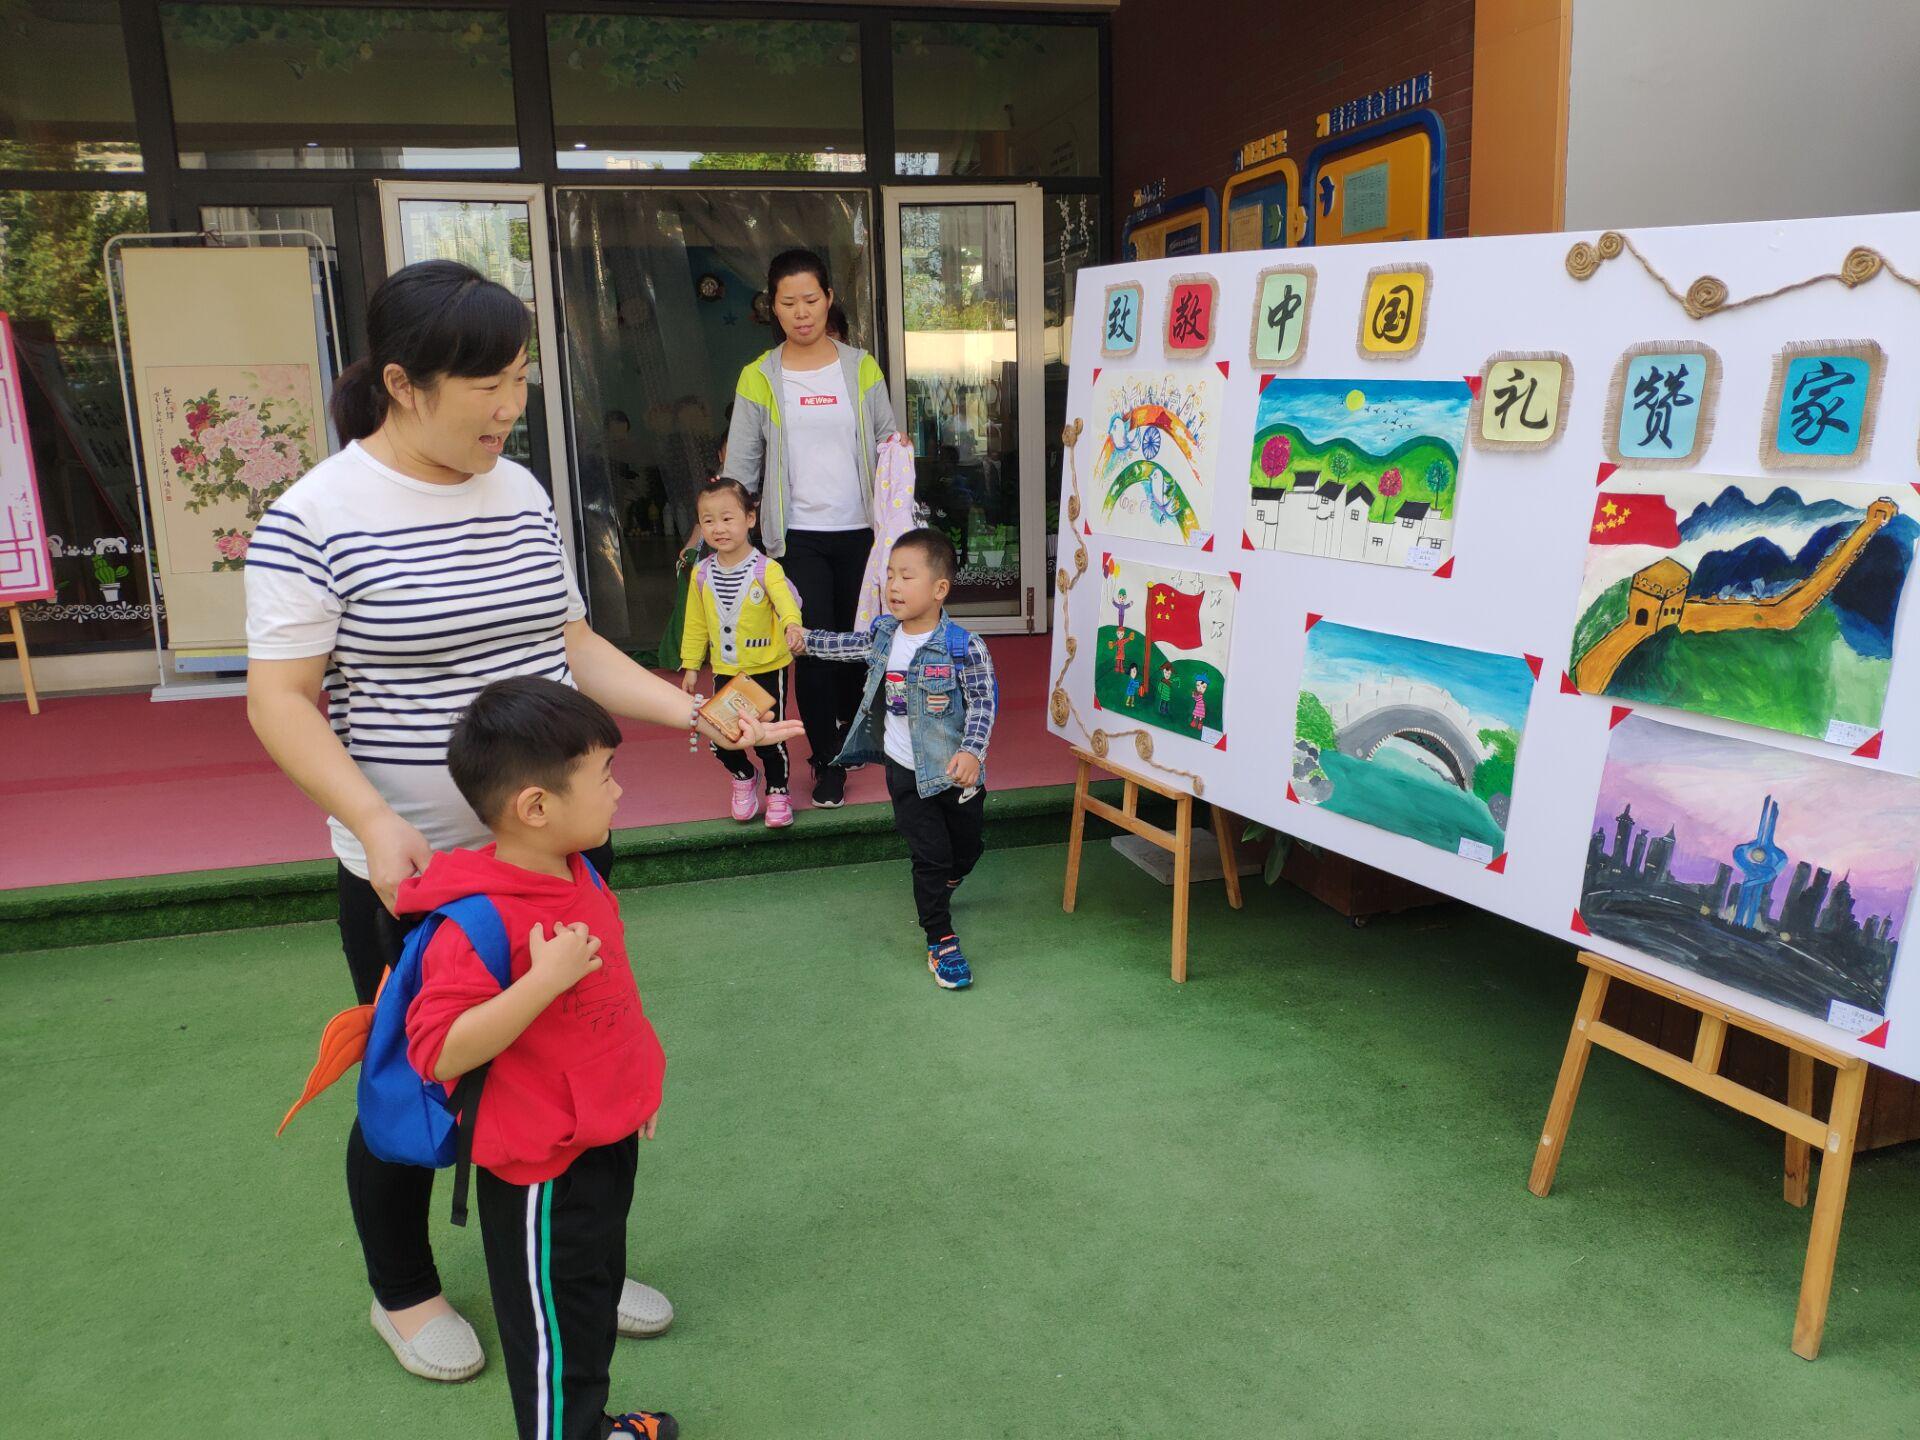 想象的世界 生长的力量——济南市槐荫区大金新苑幼儿园开展教师书画展活动